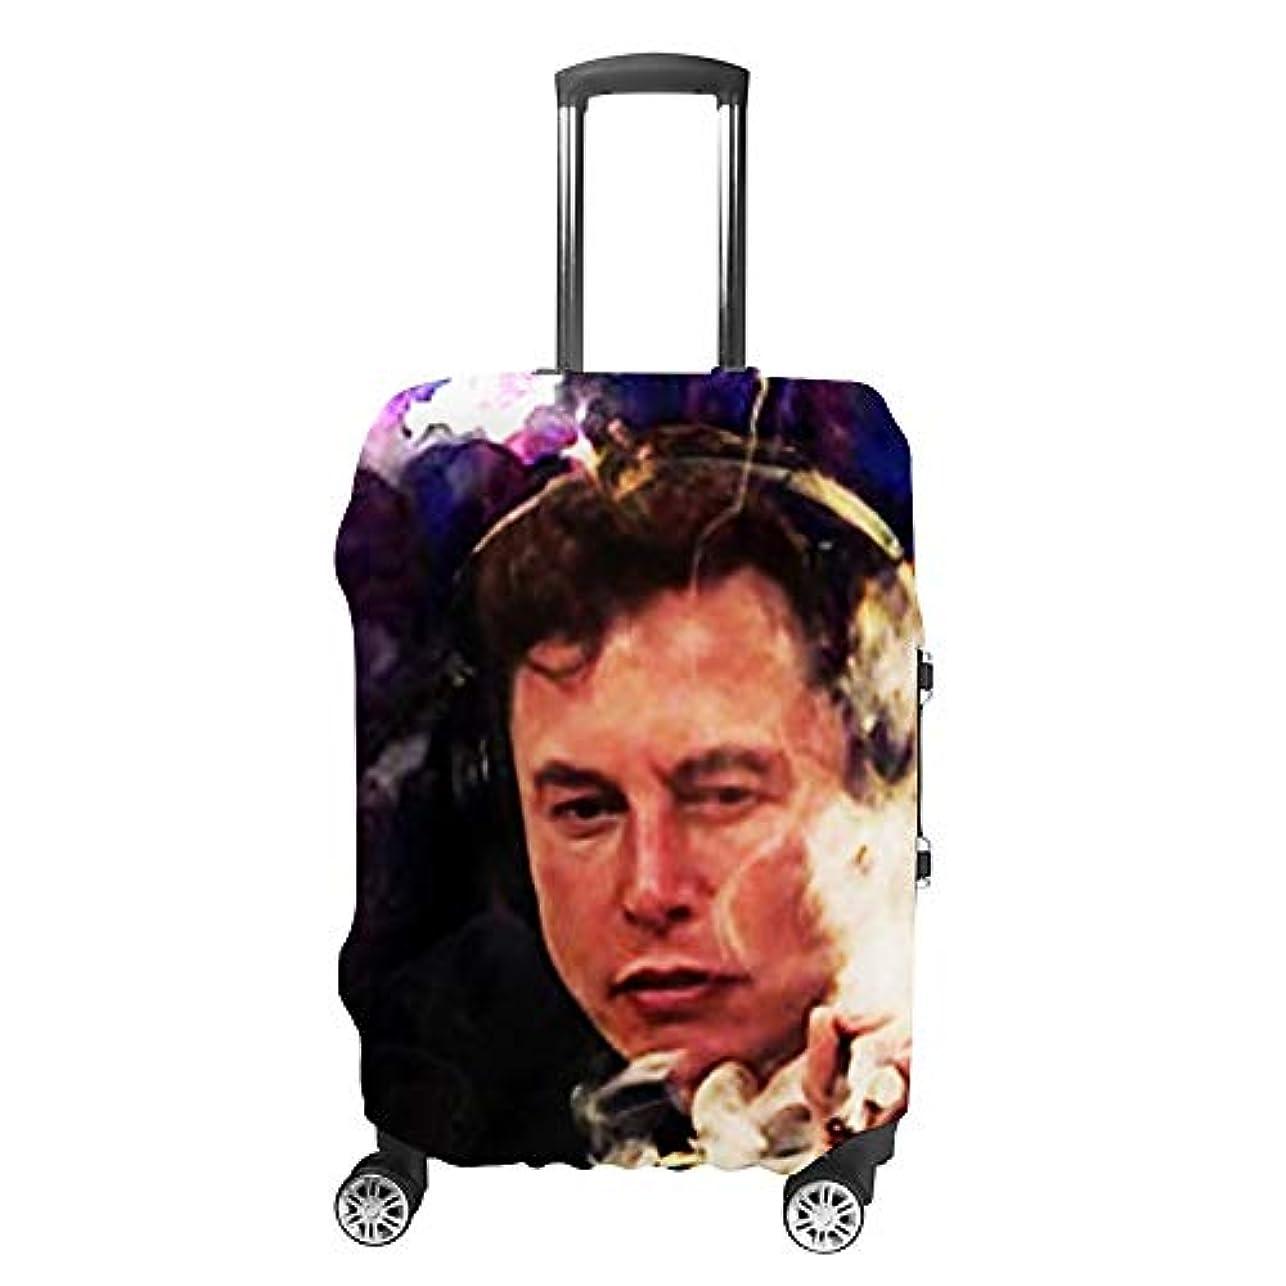 先生ガイドラインあごひげElon Musk ファッション旅行荷物カバースーツケース荷物プロテクター旅行カバー男性用女性用